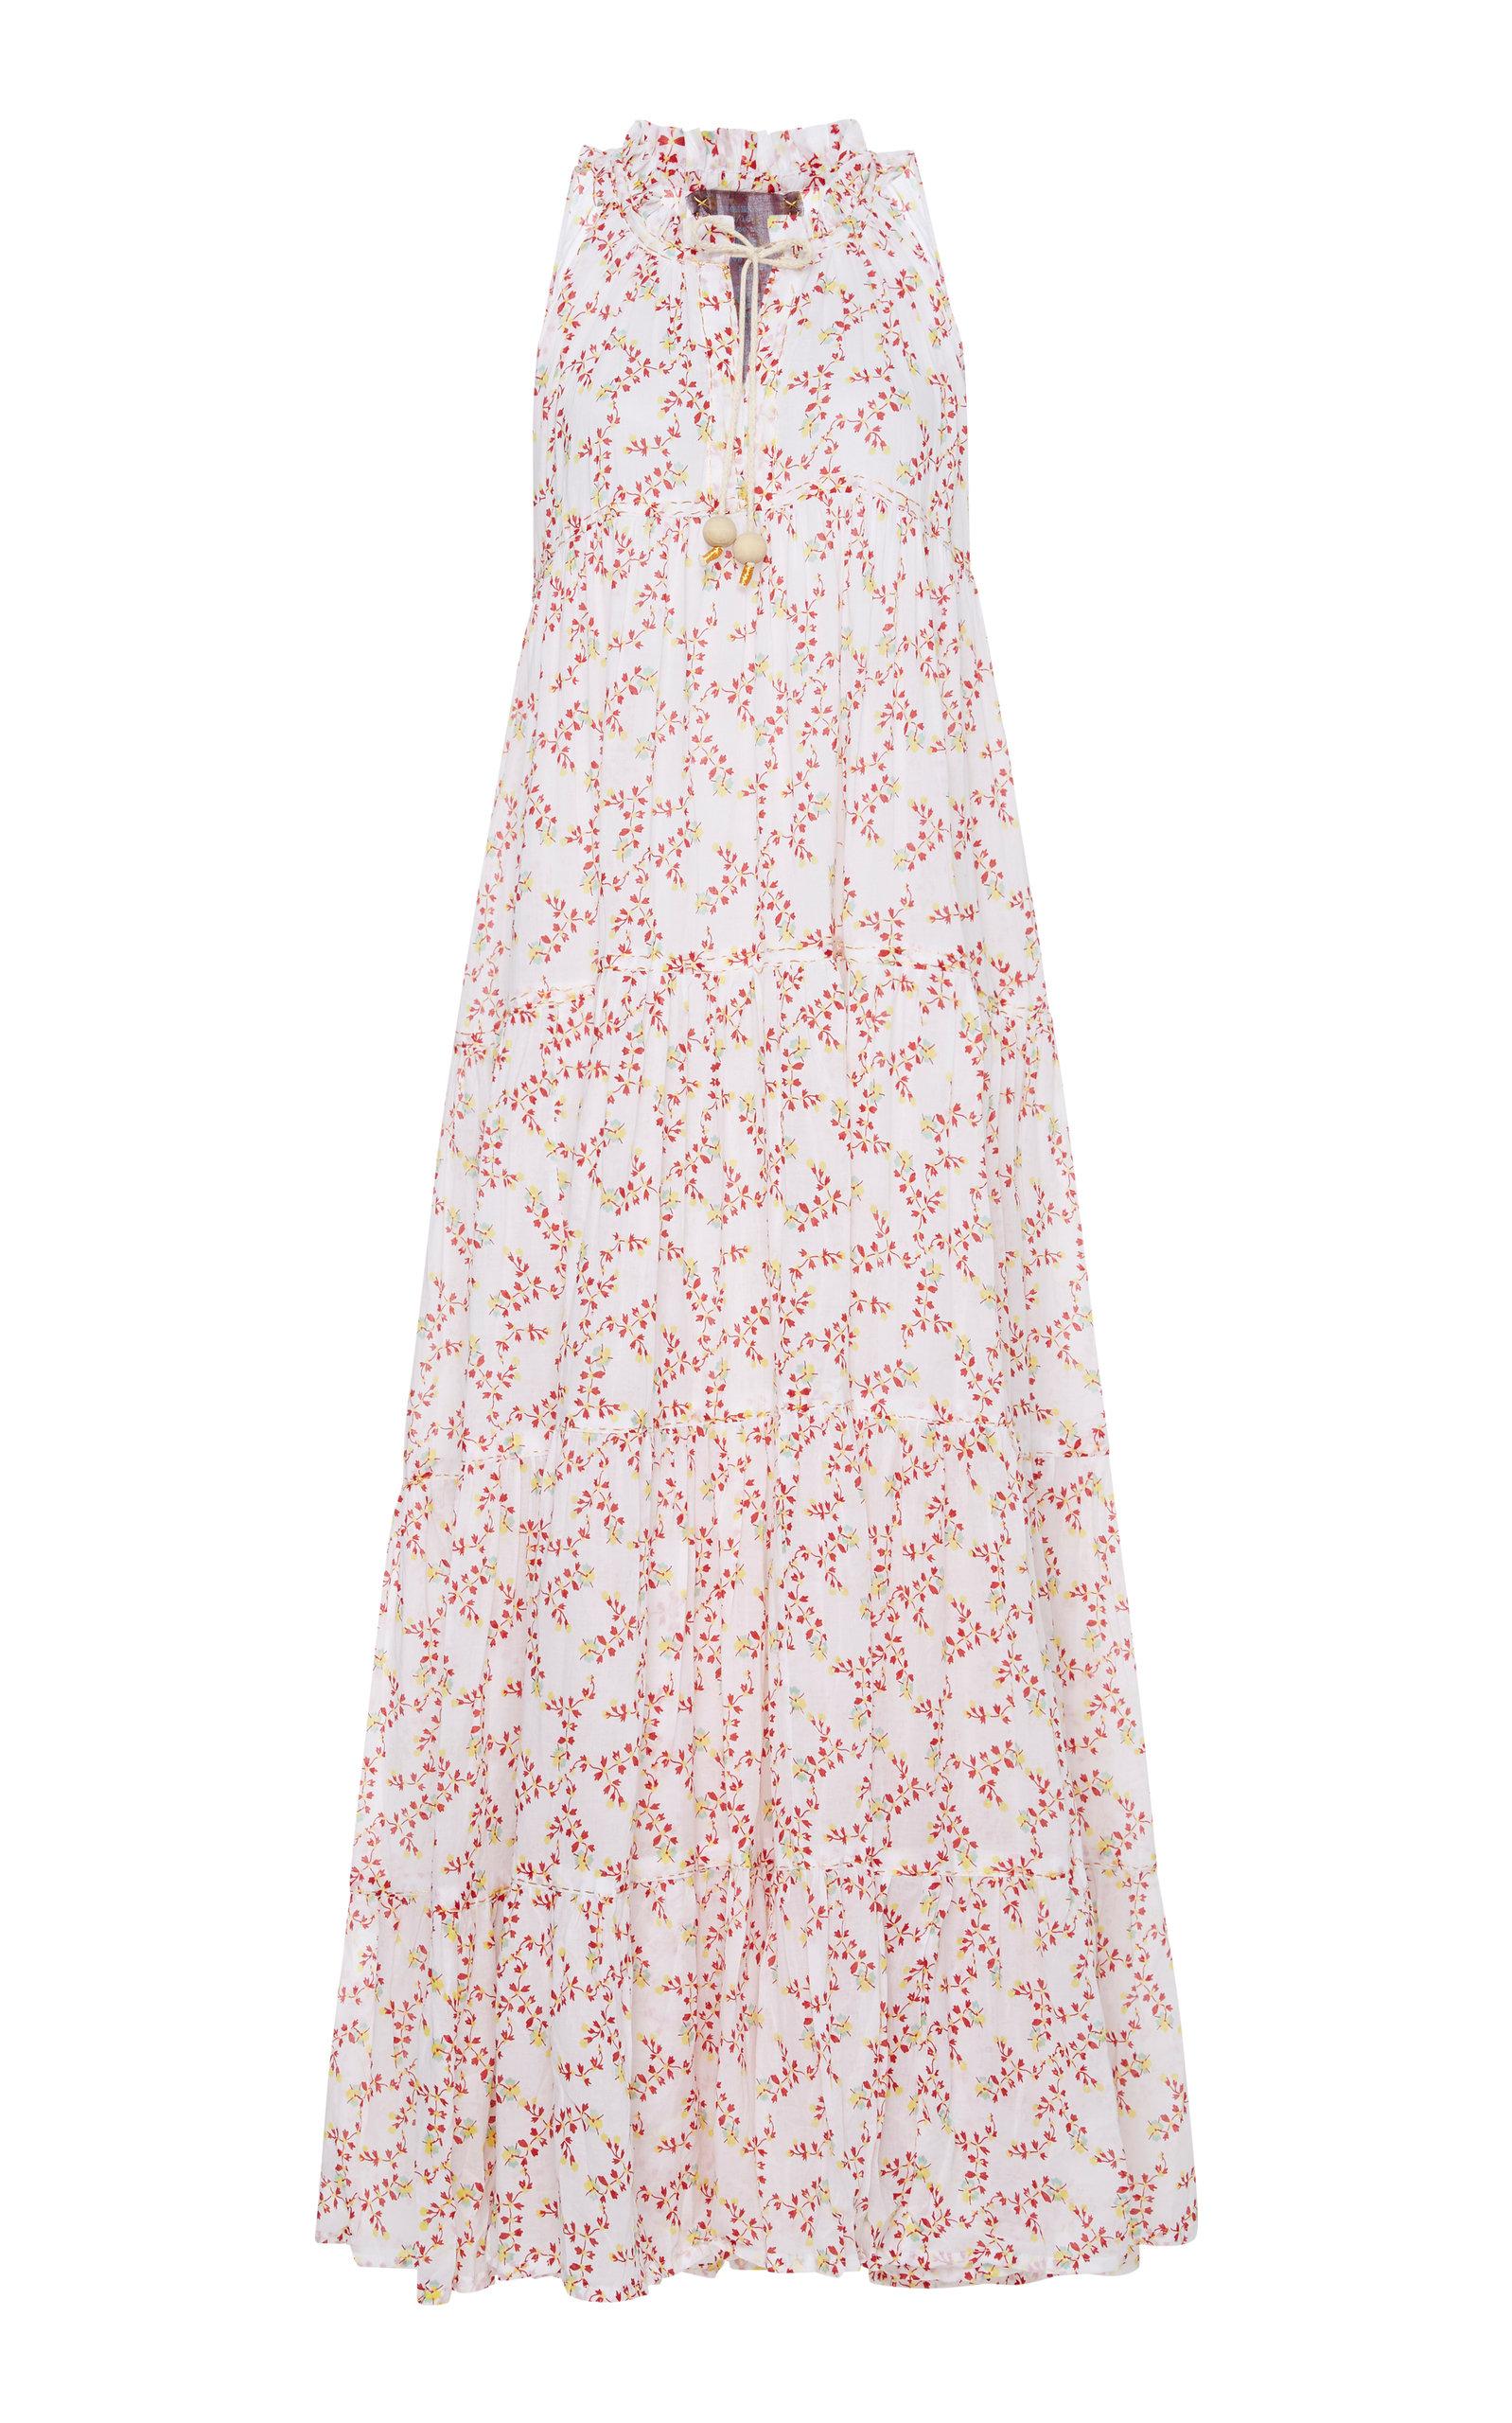 YVONNE S COTTON VOILE FLORAL-PRINT MAXI DRESS